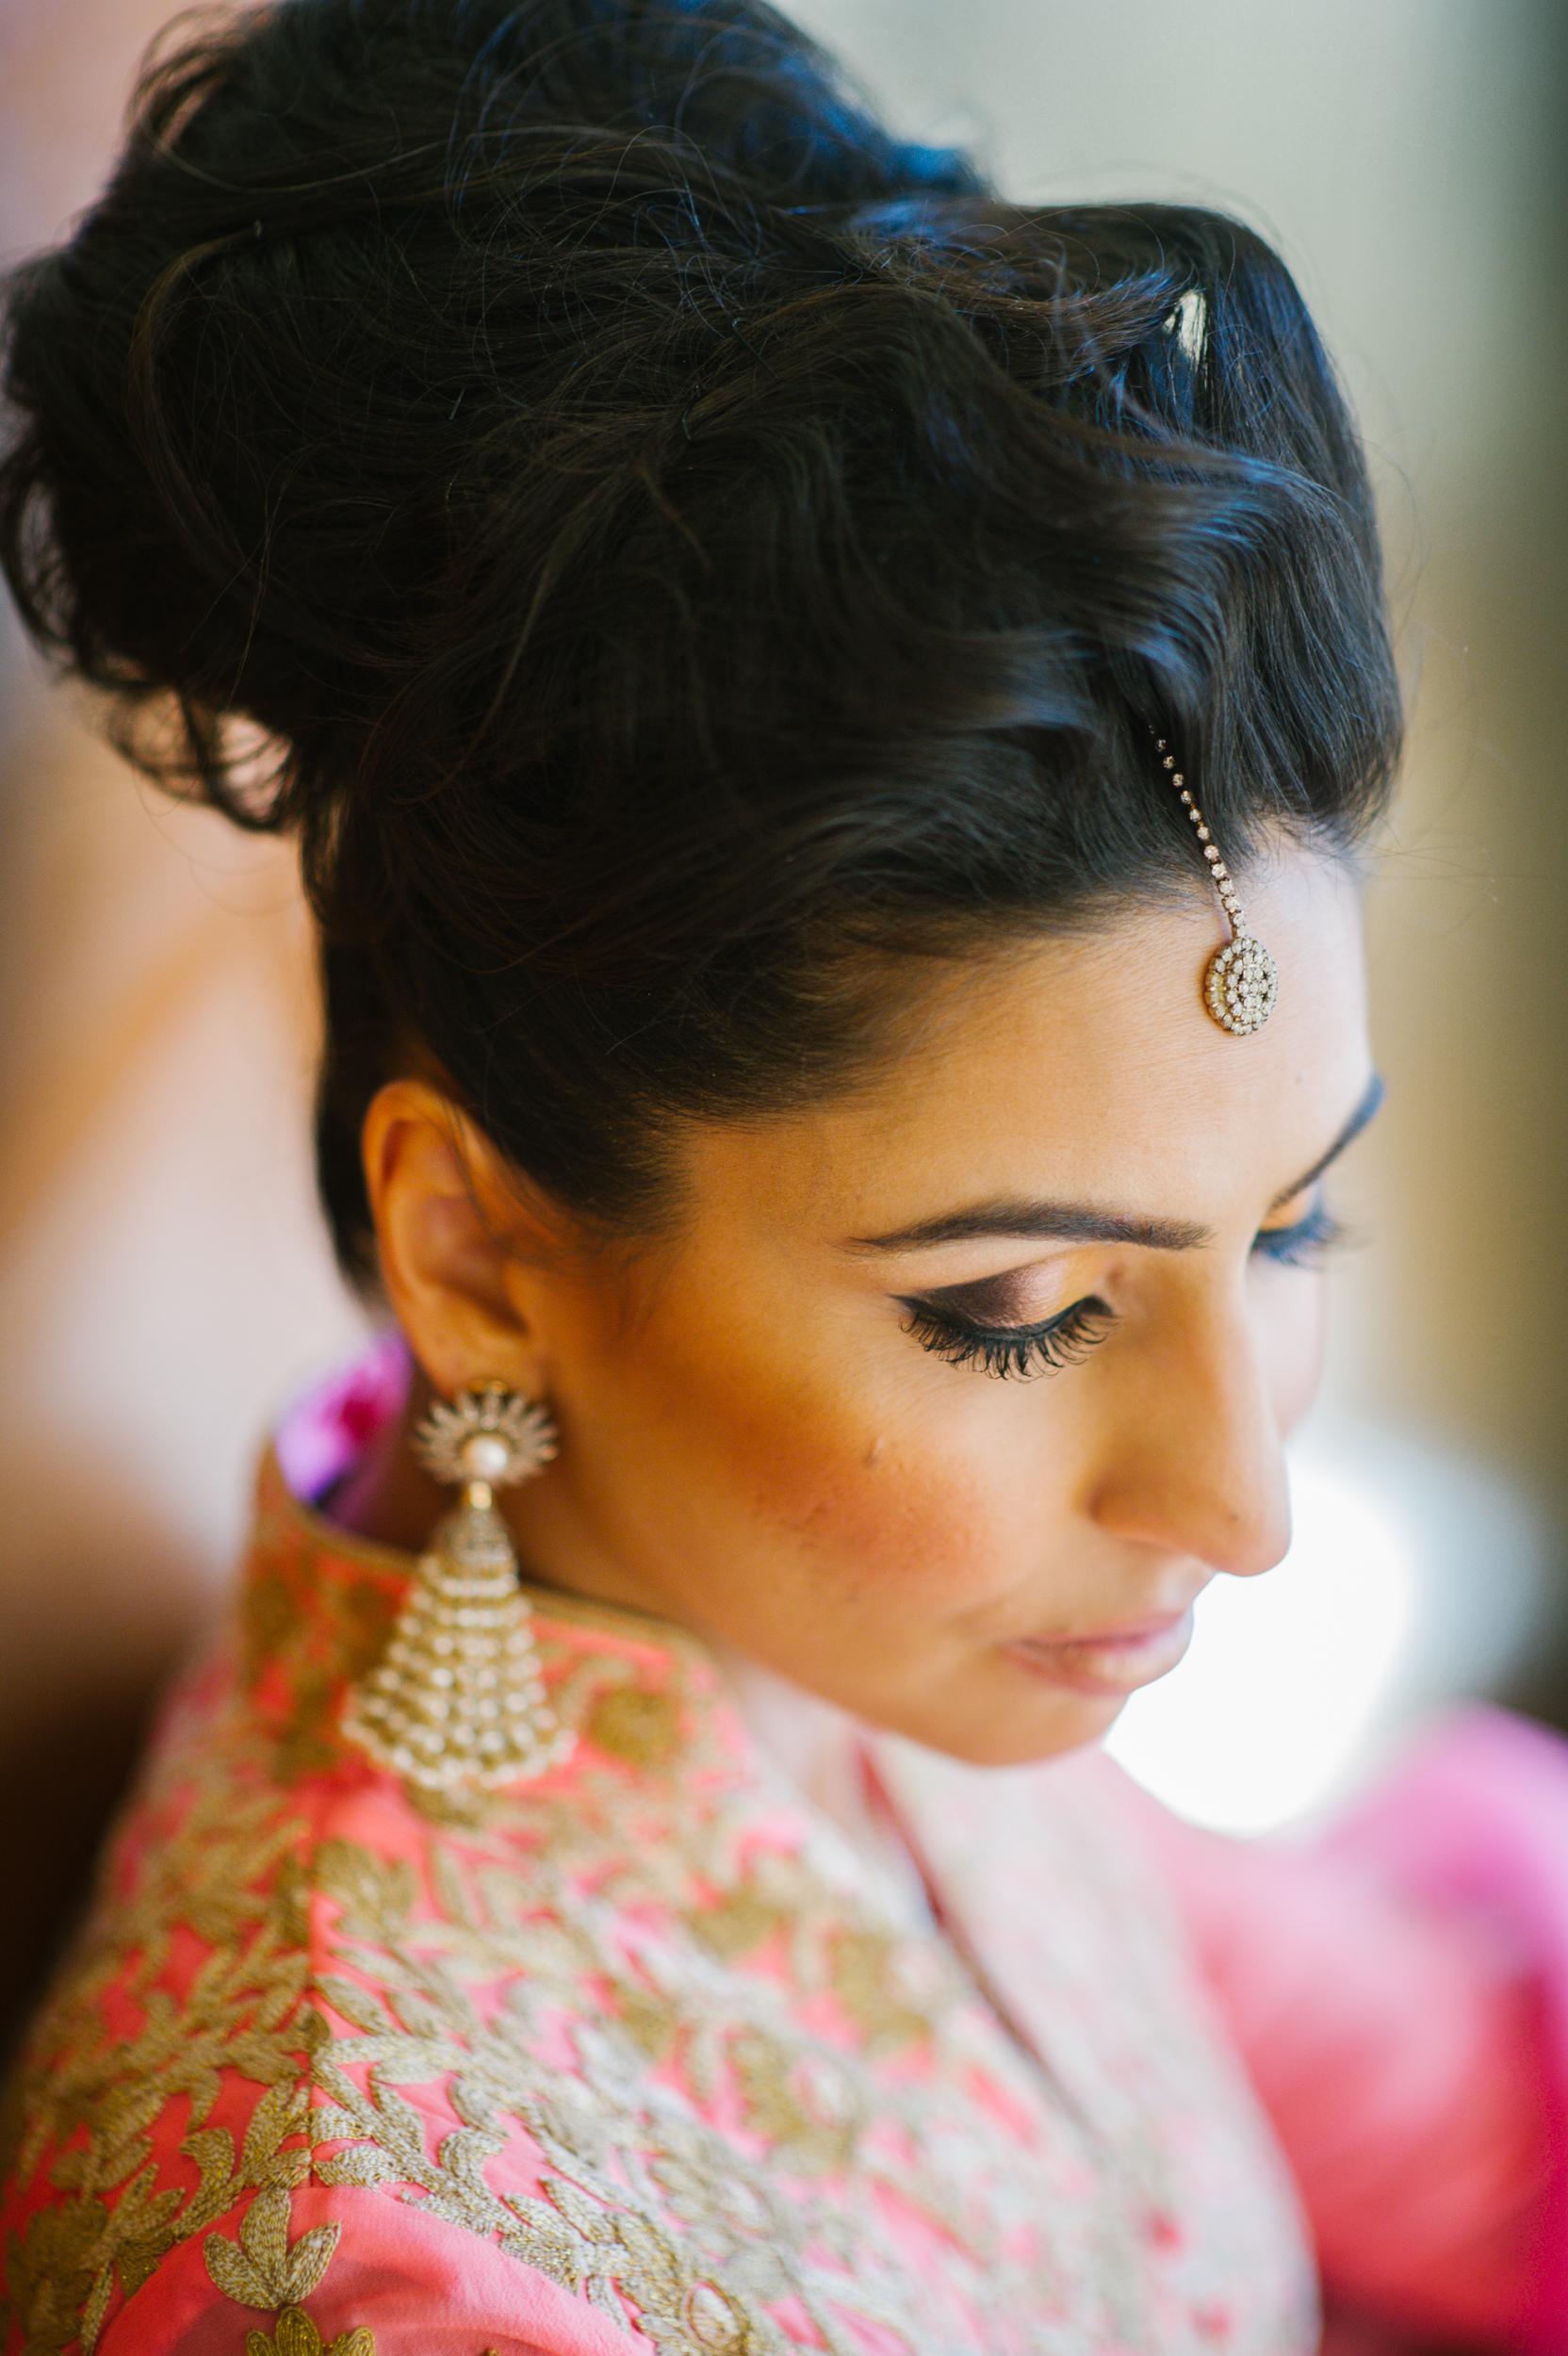 JKP_Indian_Weddings_0148.JPG